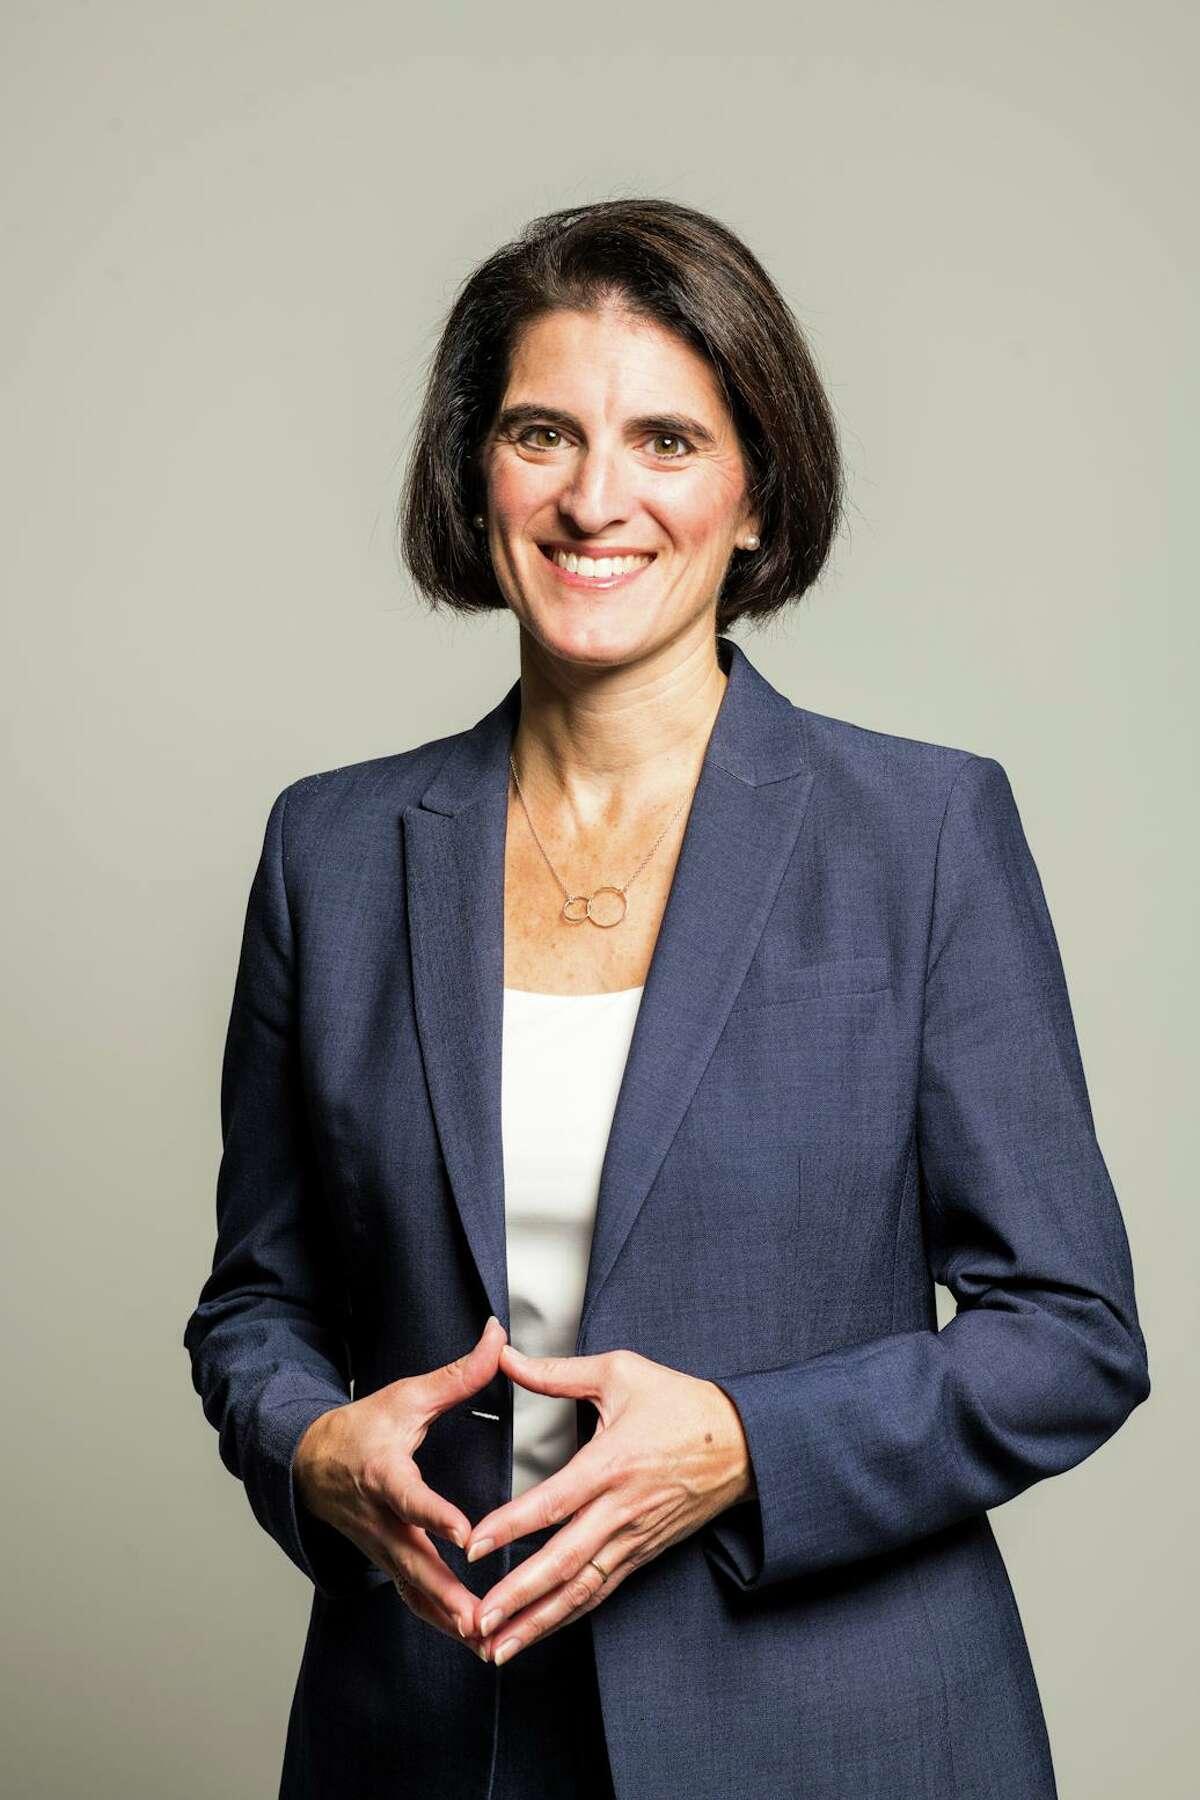 State Rep. Cristin McCarthy Vahey, D-Fairfield